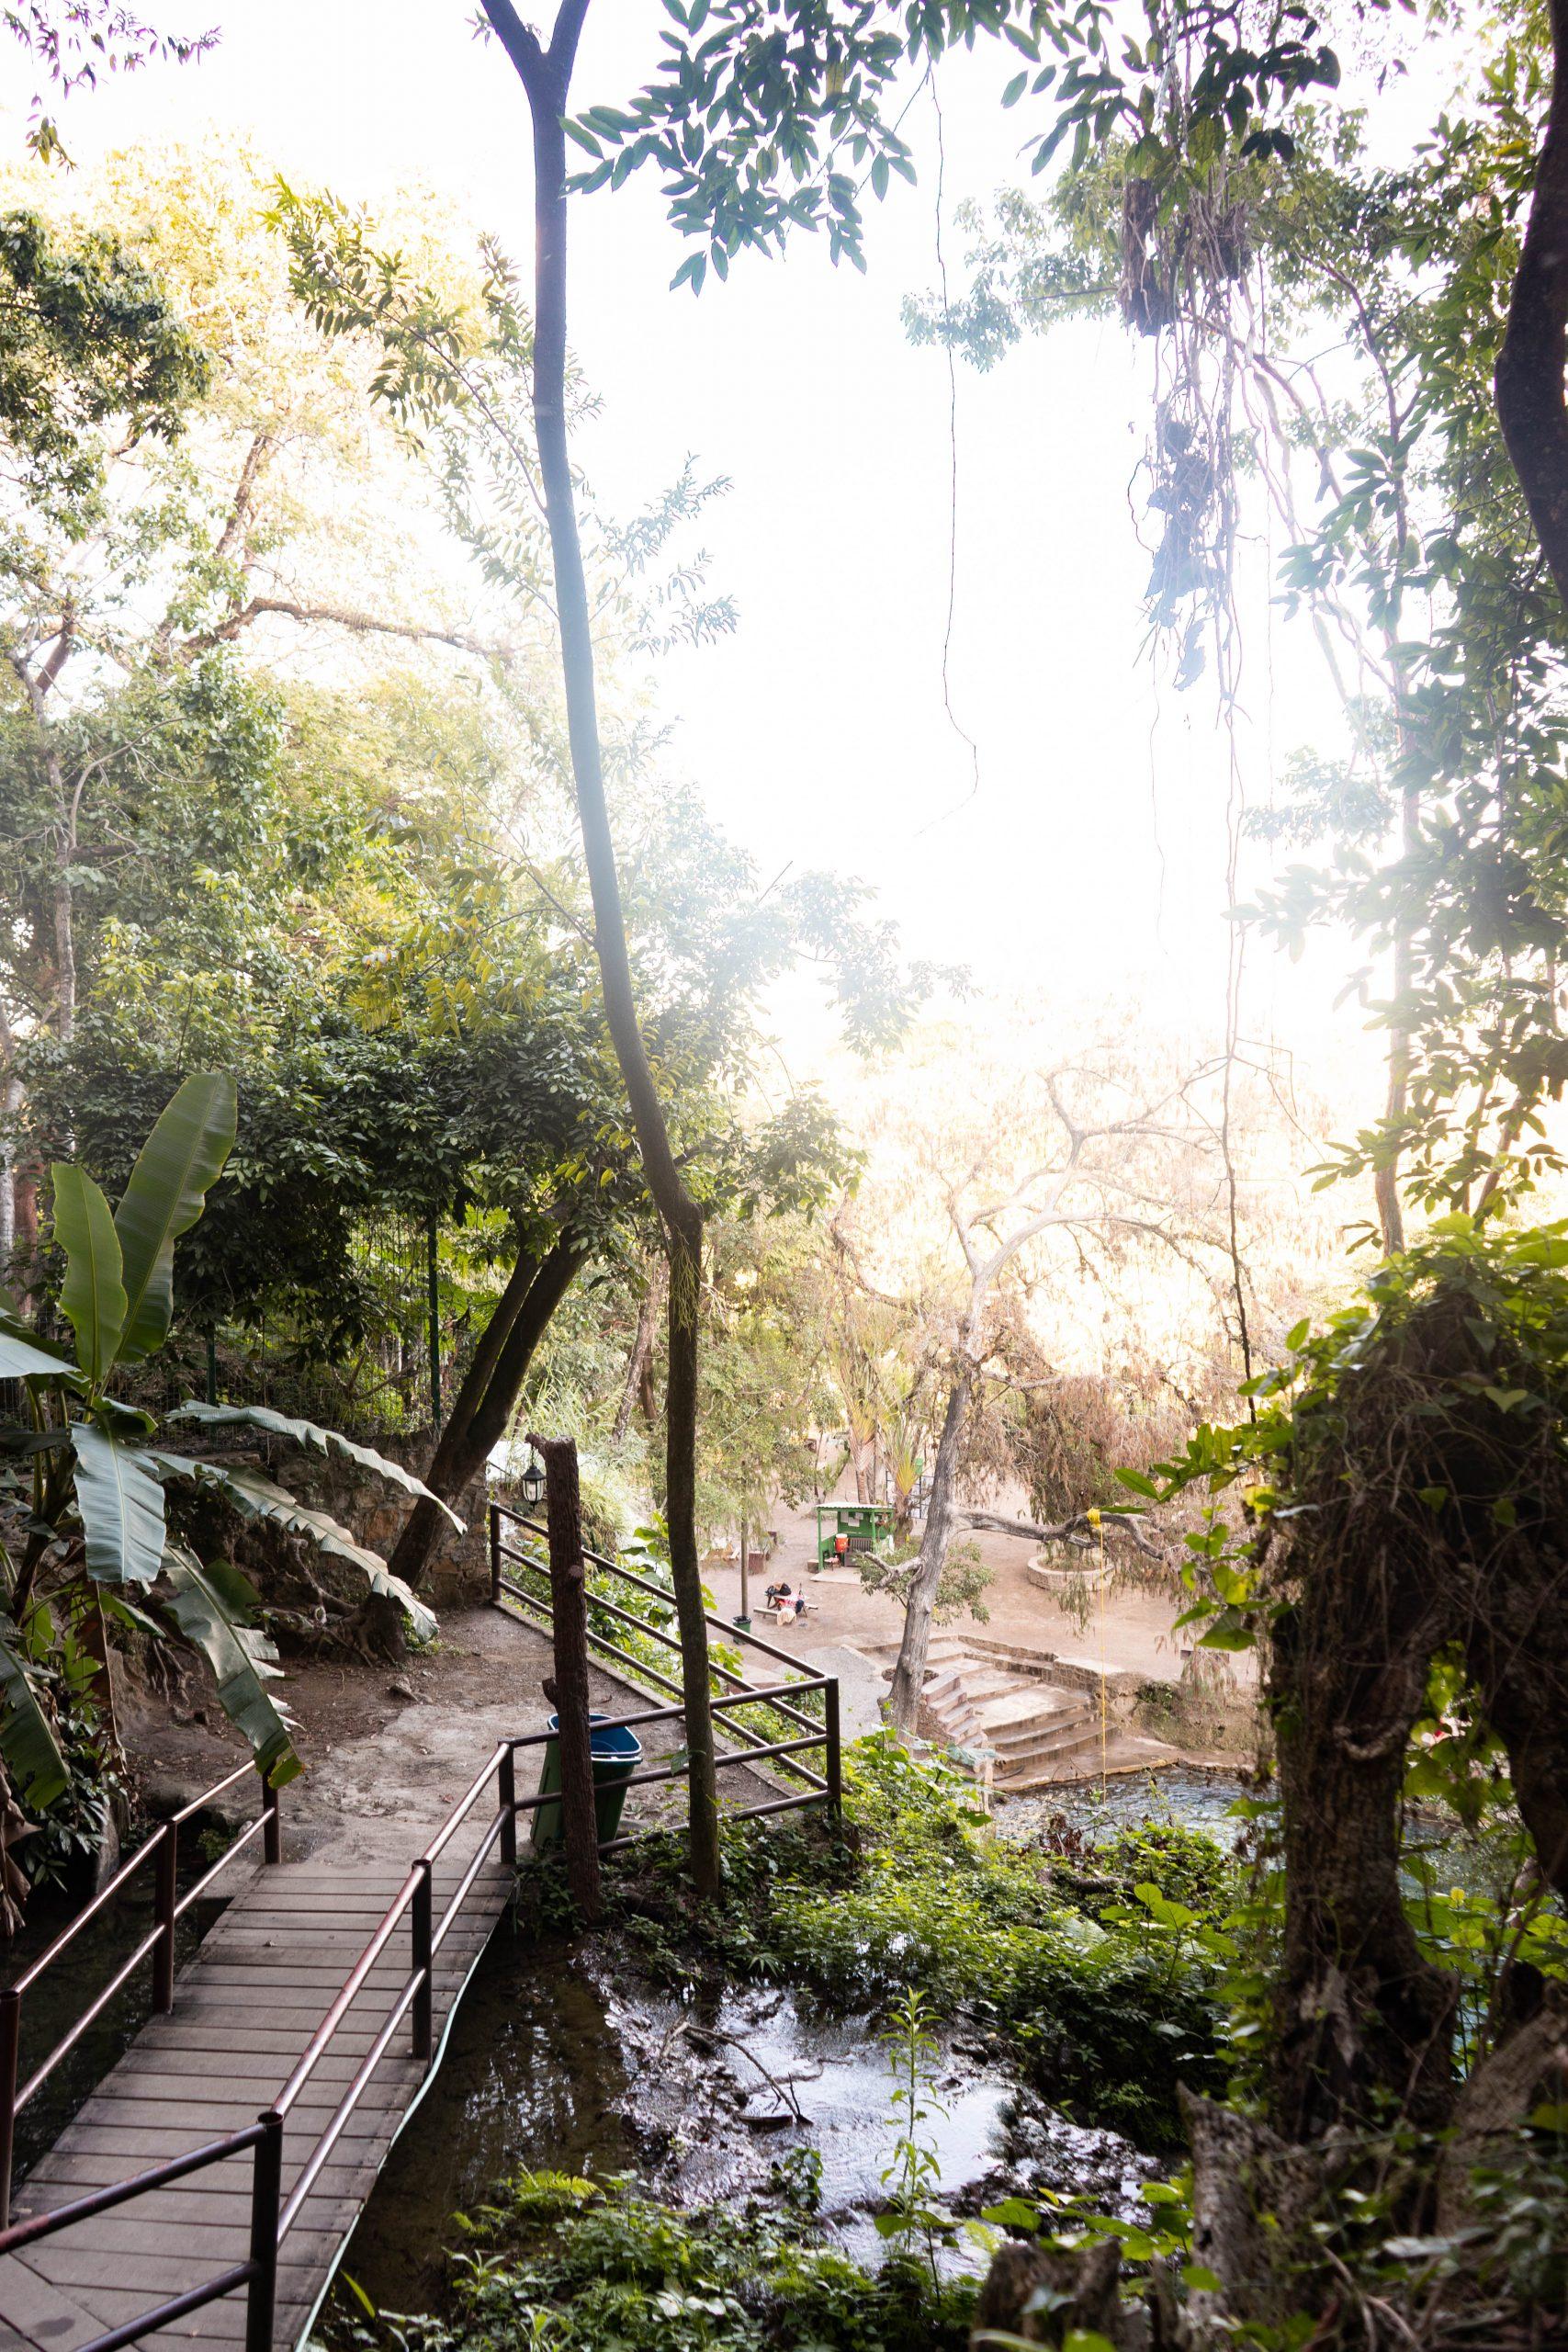 cascadas de tamasopo mirador lookout san luis potosi mexico la huasteca potosina adventure travel rainforest waterfall